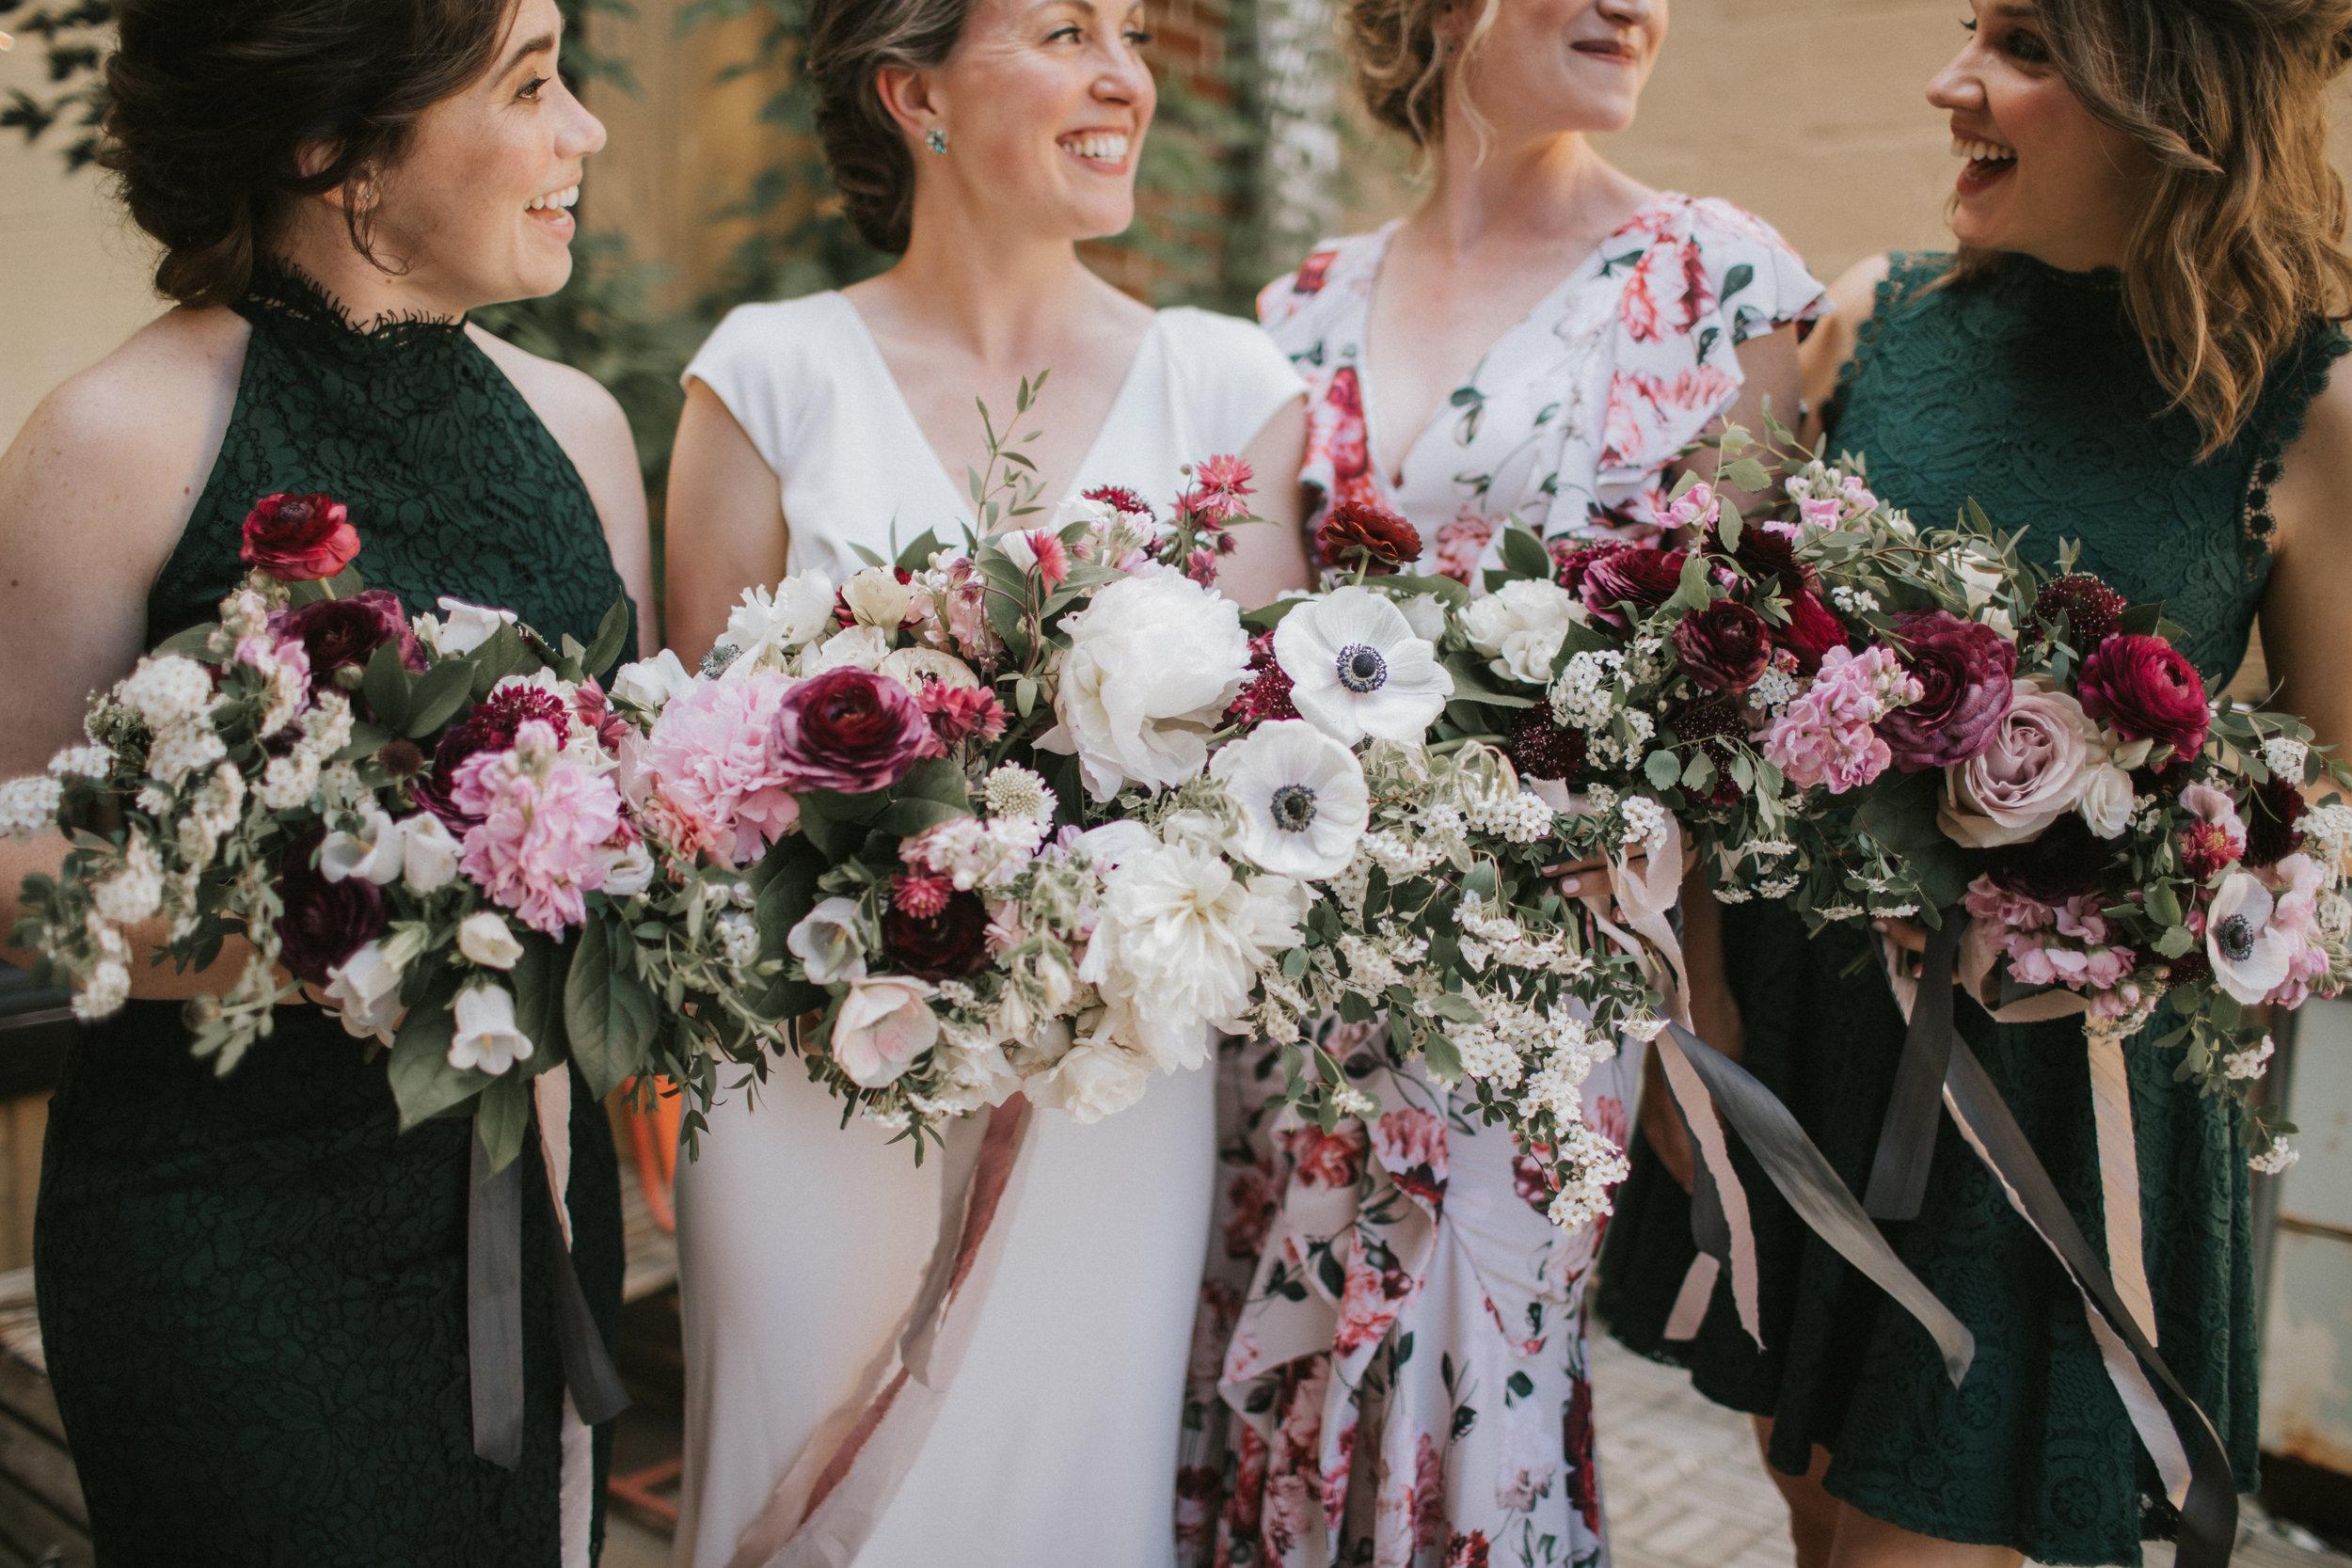 Watershed_Floral_Maine_Wedding_Florist_198.jpg